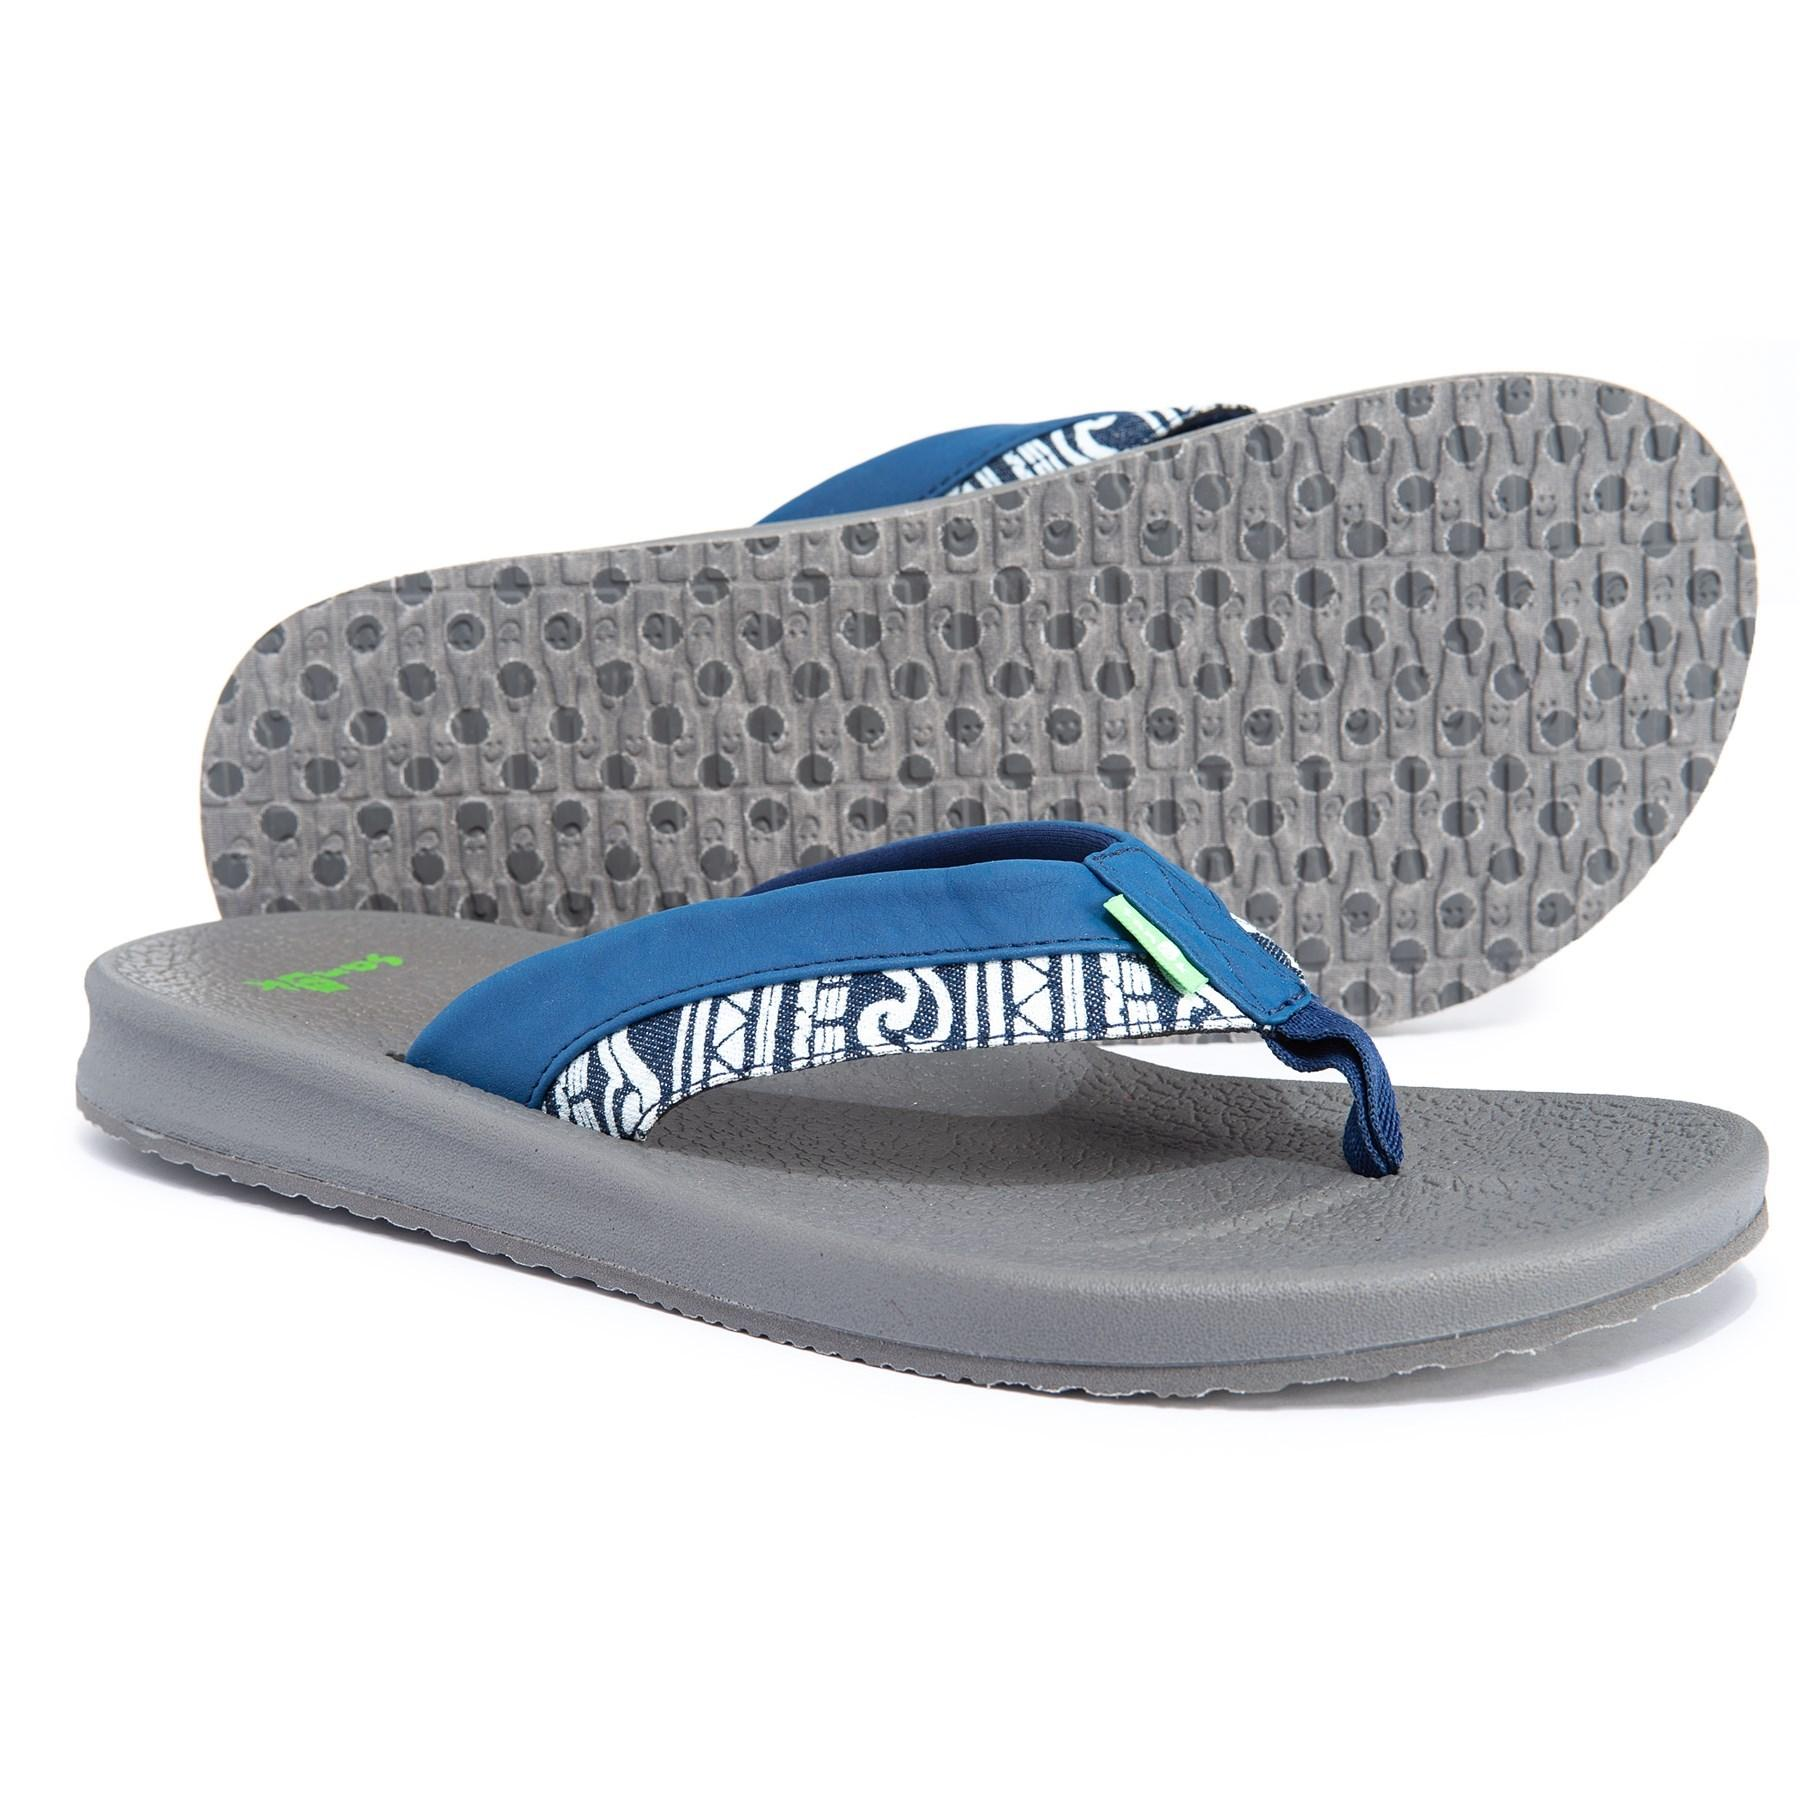 fc2a4766f8e Lyst - Sanuk Brumeister Funk Flip-flops (for Men) in Blue for Men